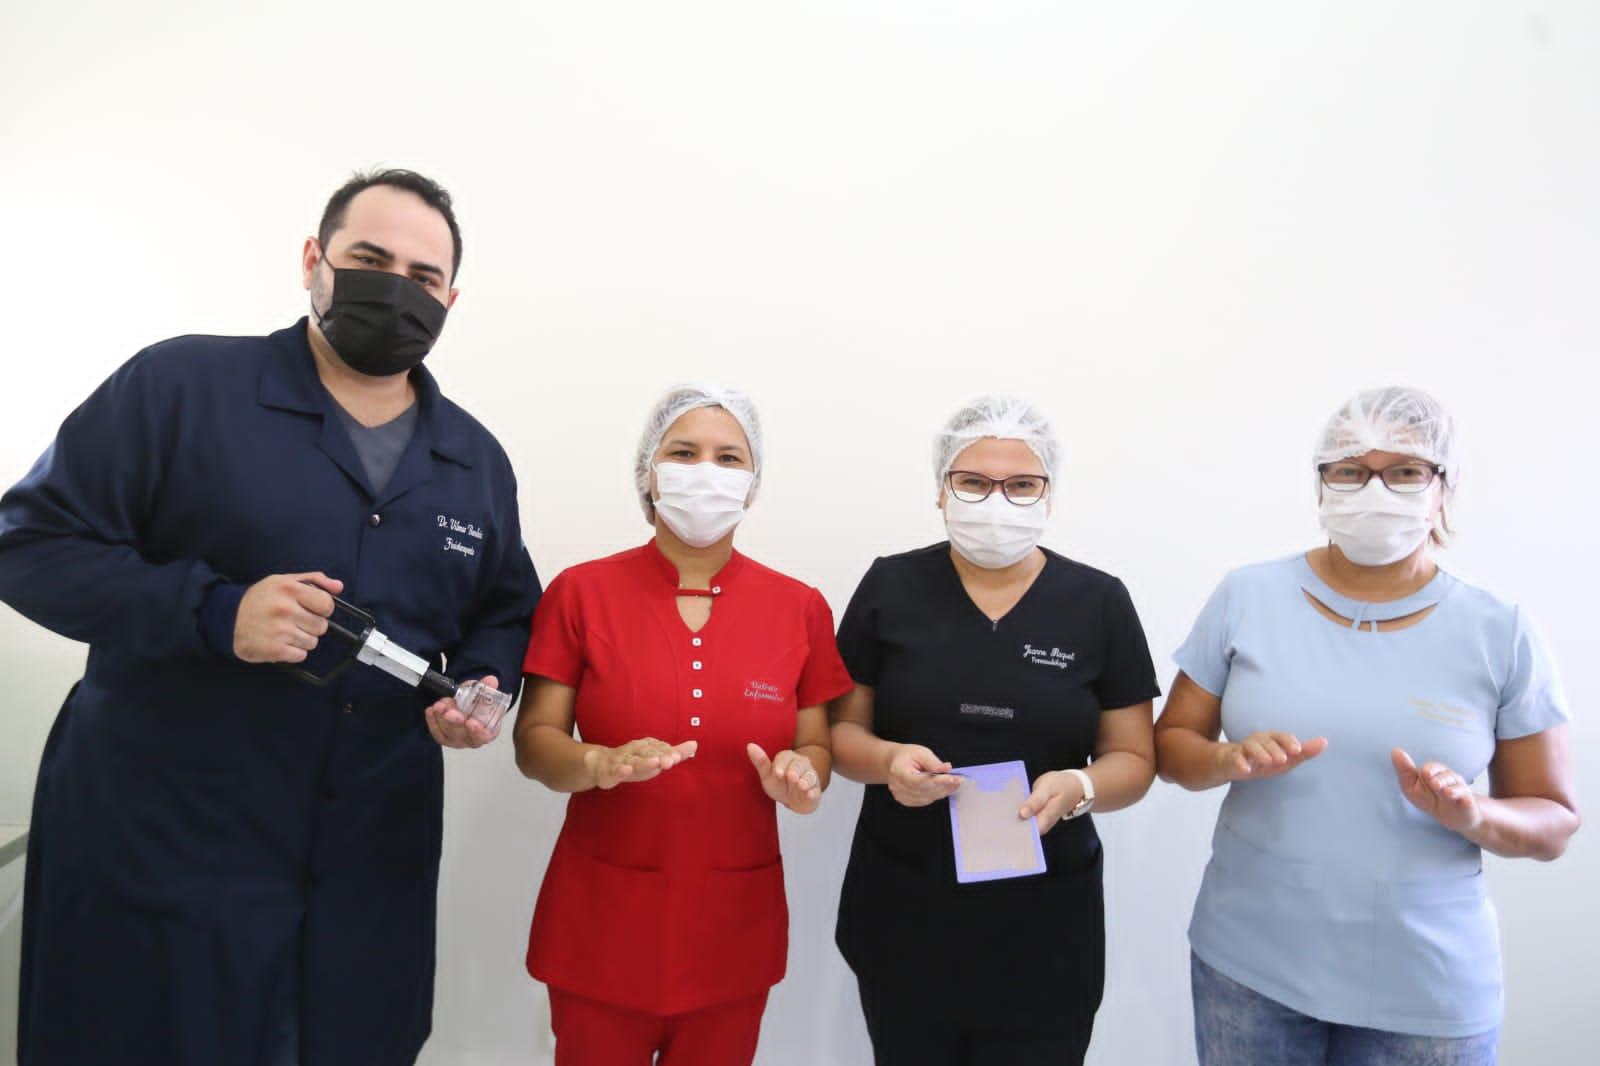 Trabalho desenvolvido por profissionais da Policlínica Tucumã recebe prêmio do Instituto Albert Einstein